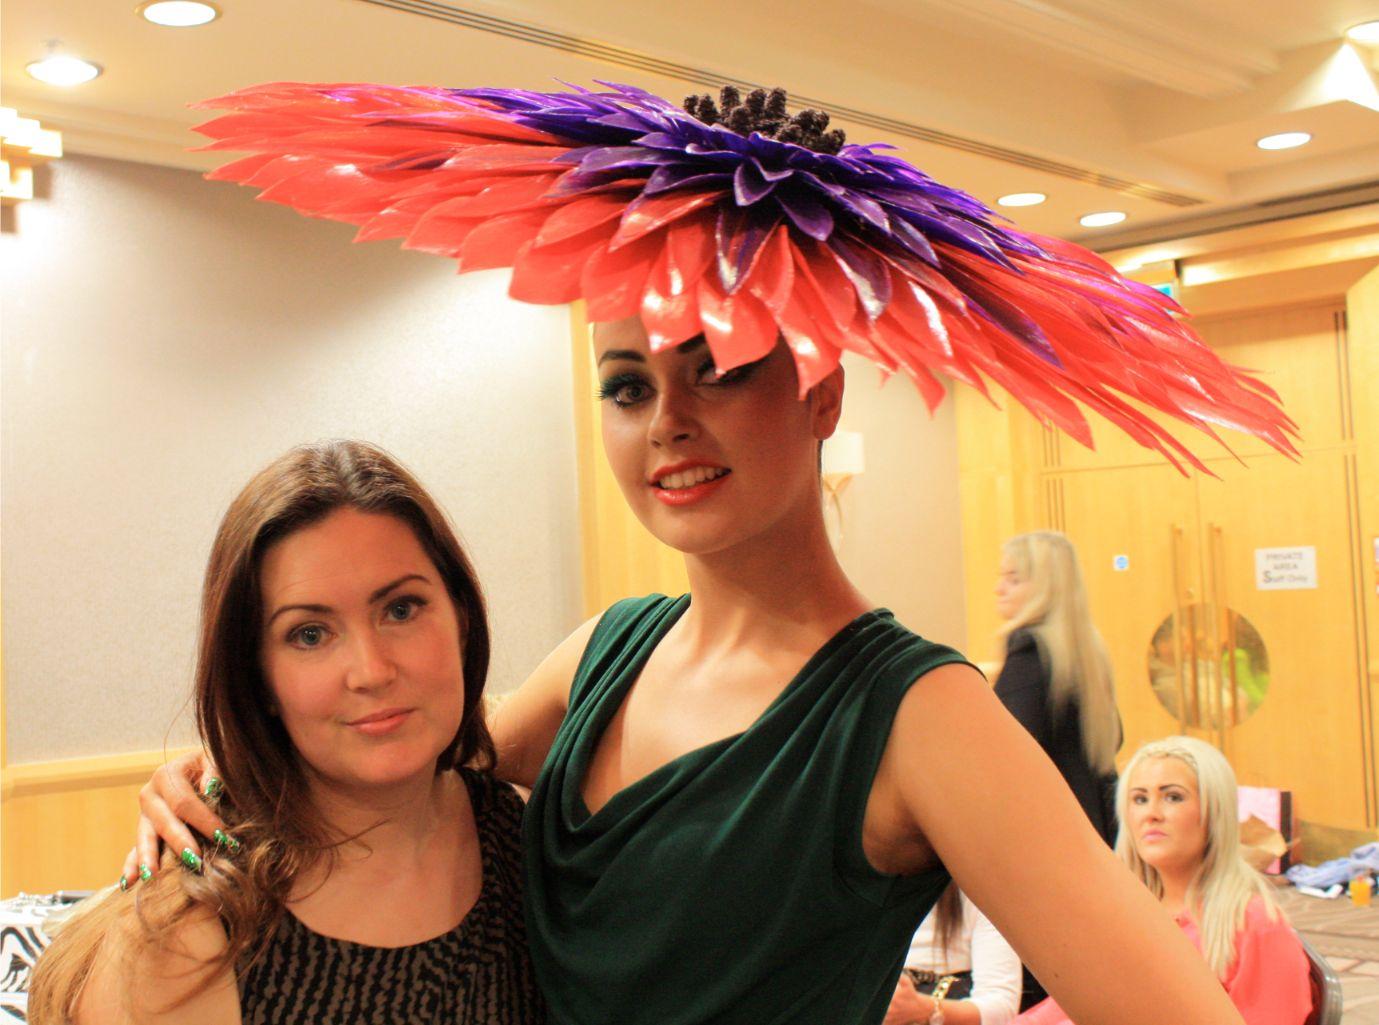 two women, one is wearing big orange and purple flower head piece